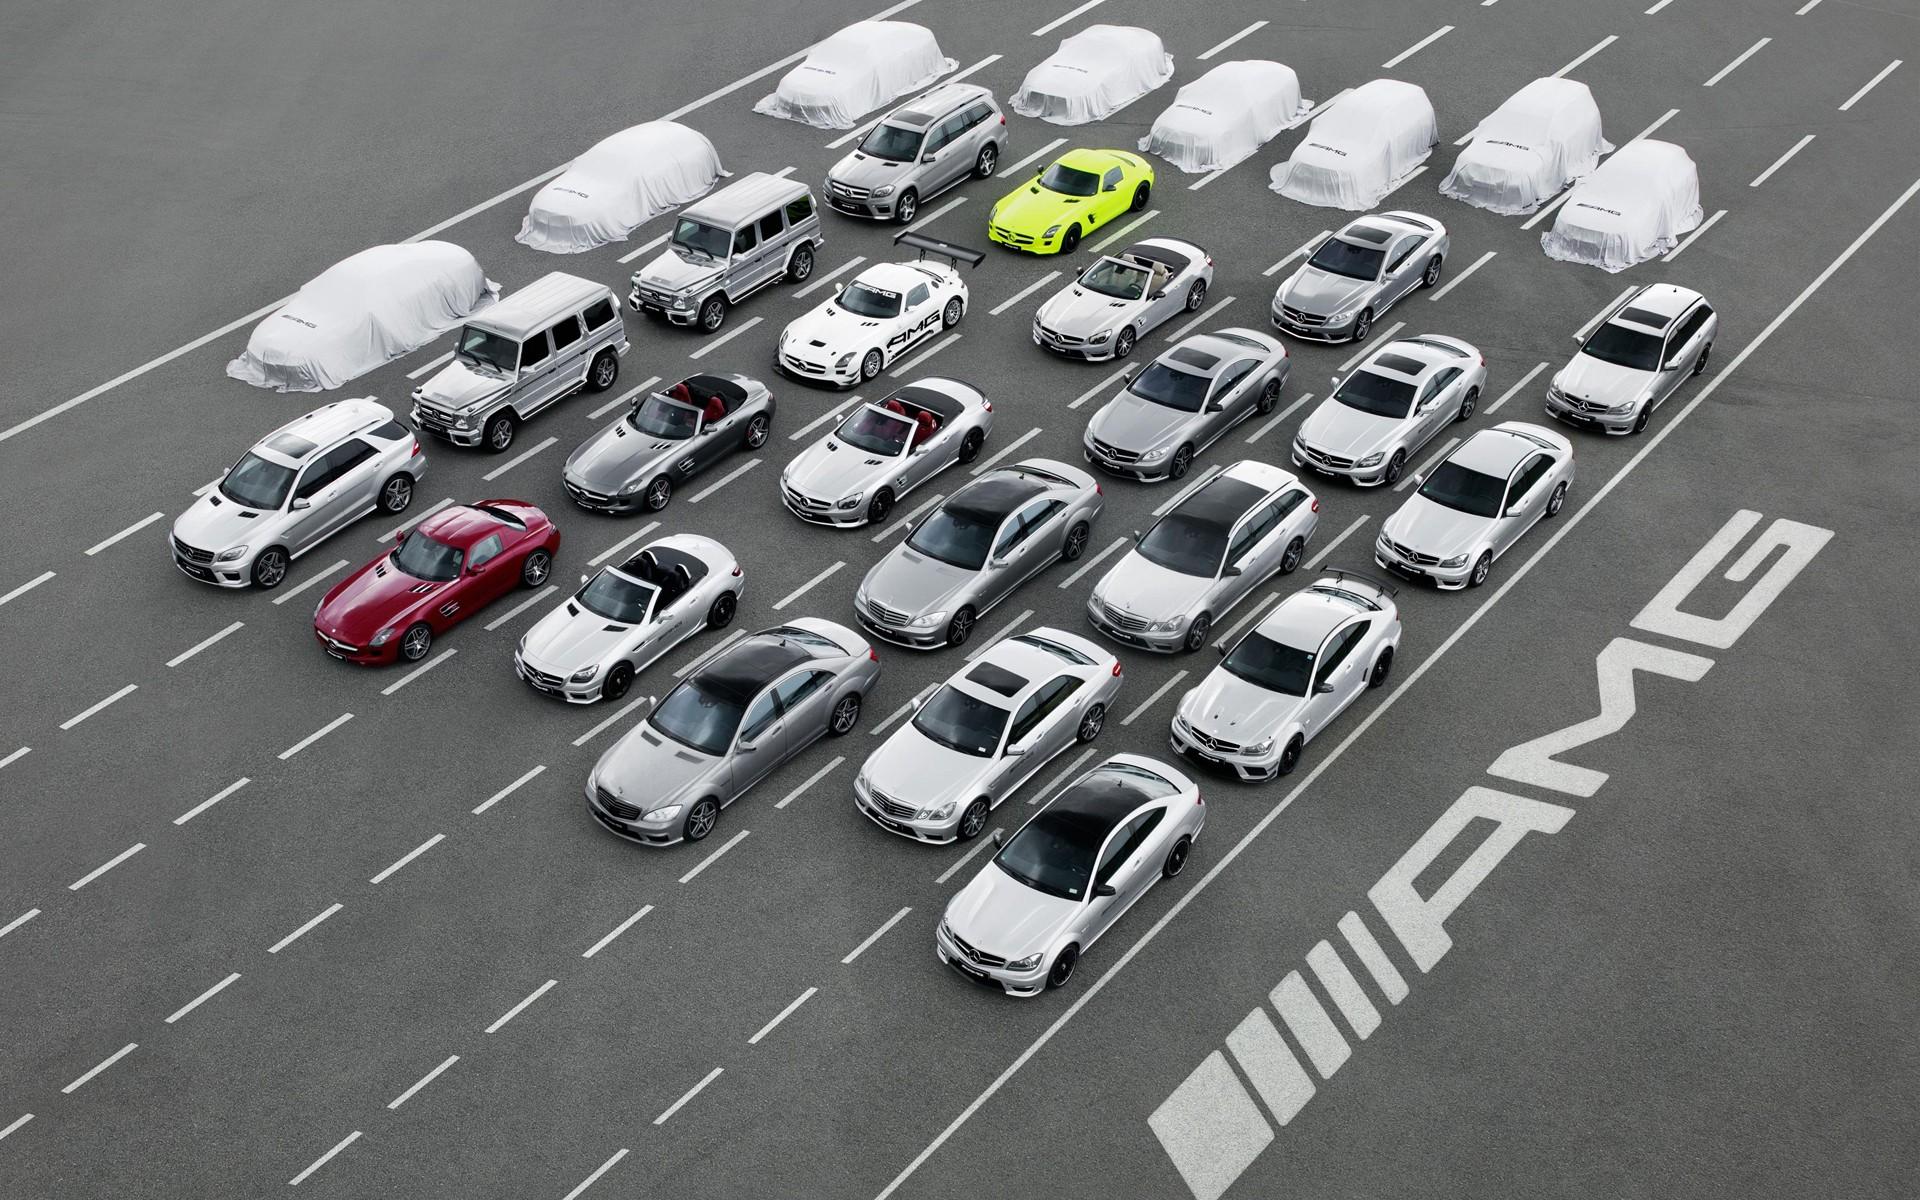 cars amg mercedes benz sls amg mercedes benz mercedes cls 63 mercedes benz g class mercedes s65 amg mercedes benz c63 black series mercedes benz sls amg - Mercedes Benz C63 Amg Black Series Wallpaper